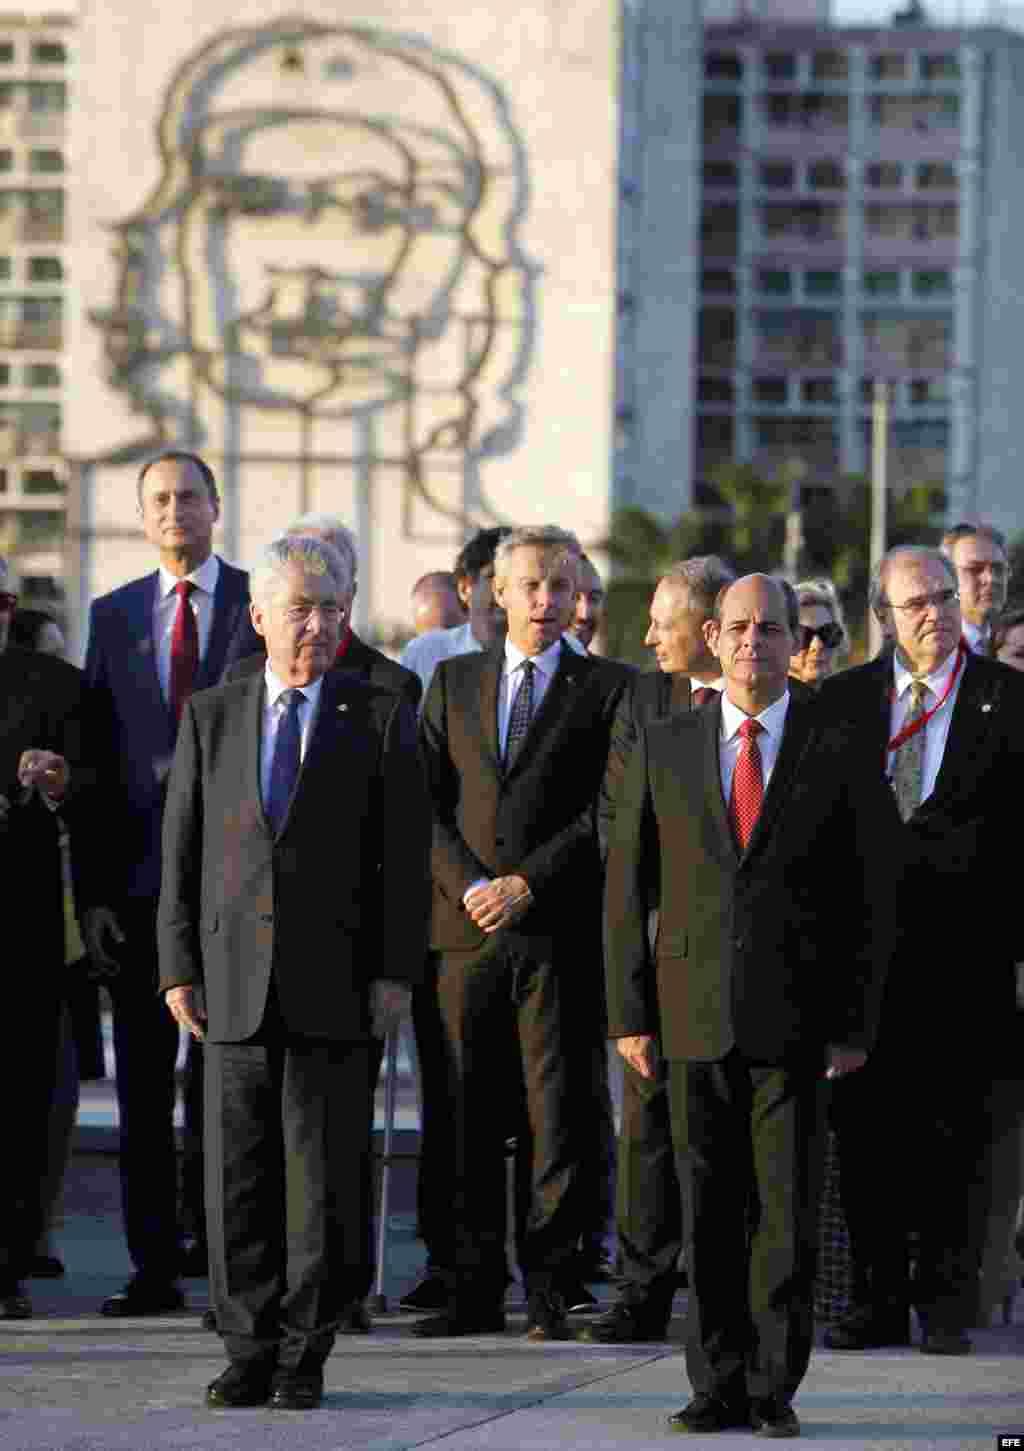 El presidente de Austria, Heinz Fischer (i), es acompañado por Rogelio Sierra (d), viceministro de Relaciones Exteriores de Cuba, en la ceremonia de colocacion de una ofrenda floral al héroe nacional cubano José Martí.